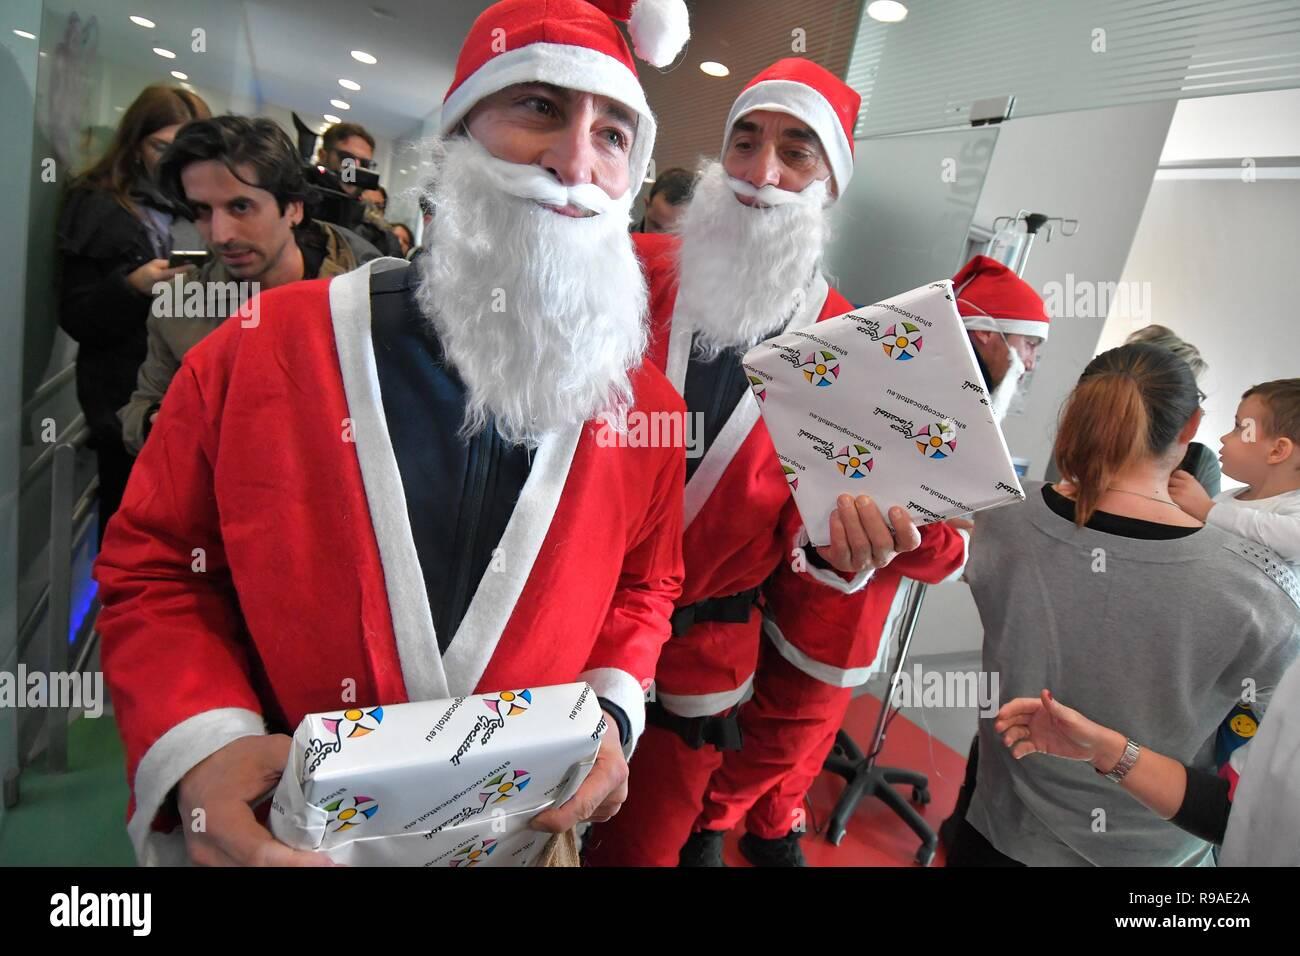 Andare Da Babbo Natale.Foto Lapresse Daniele Leone21 12 18 Roma Ita Cronaca Roma